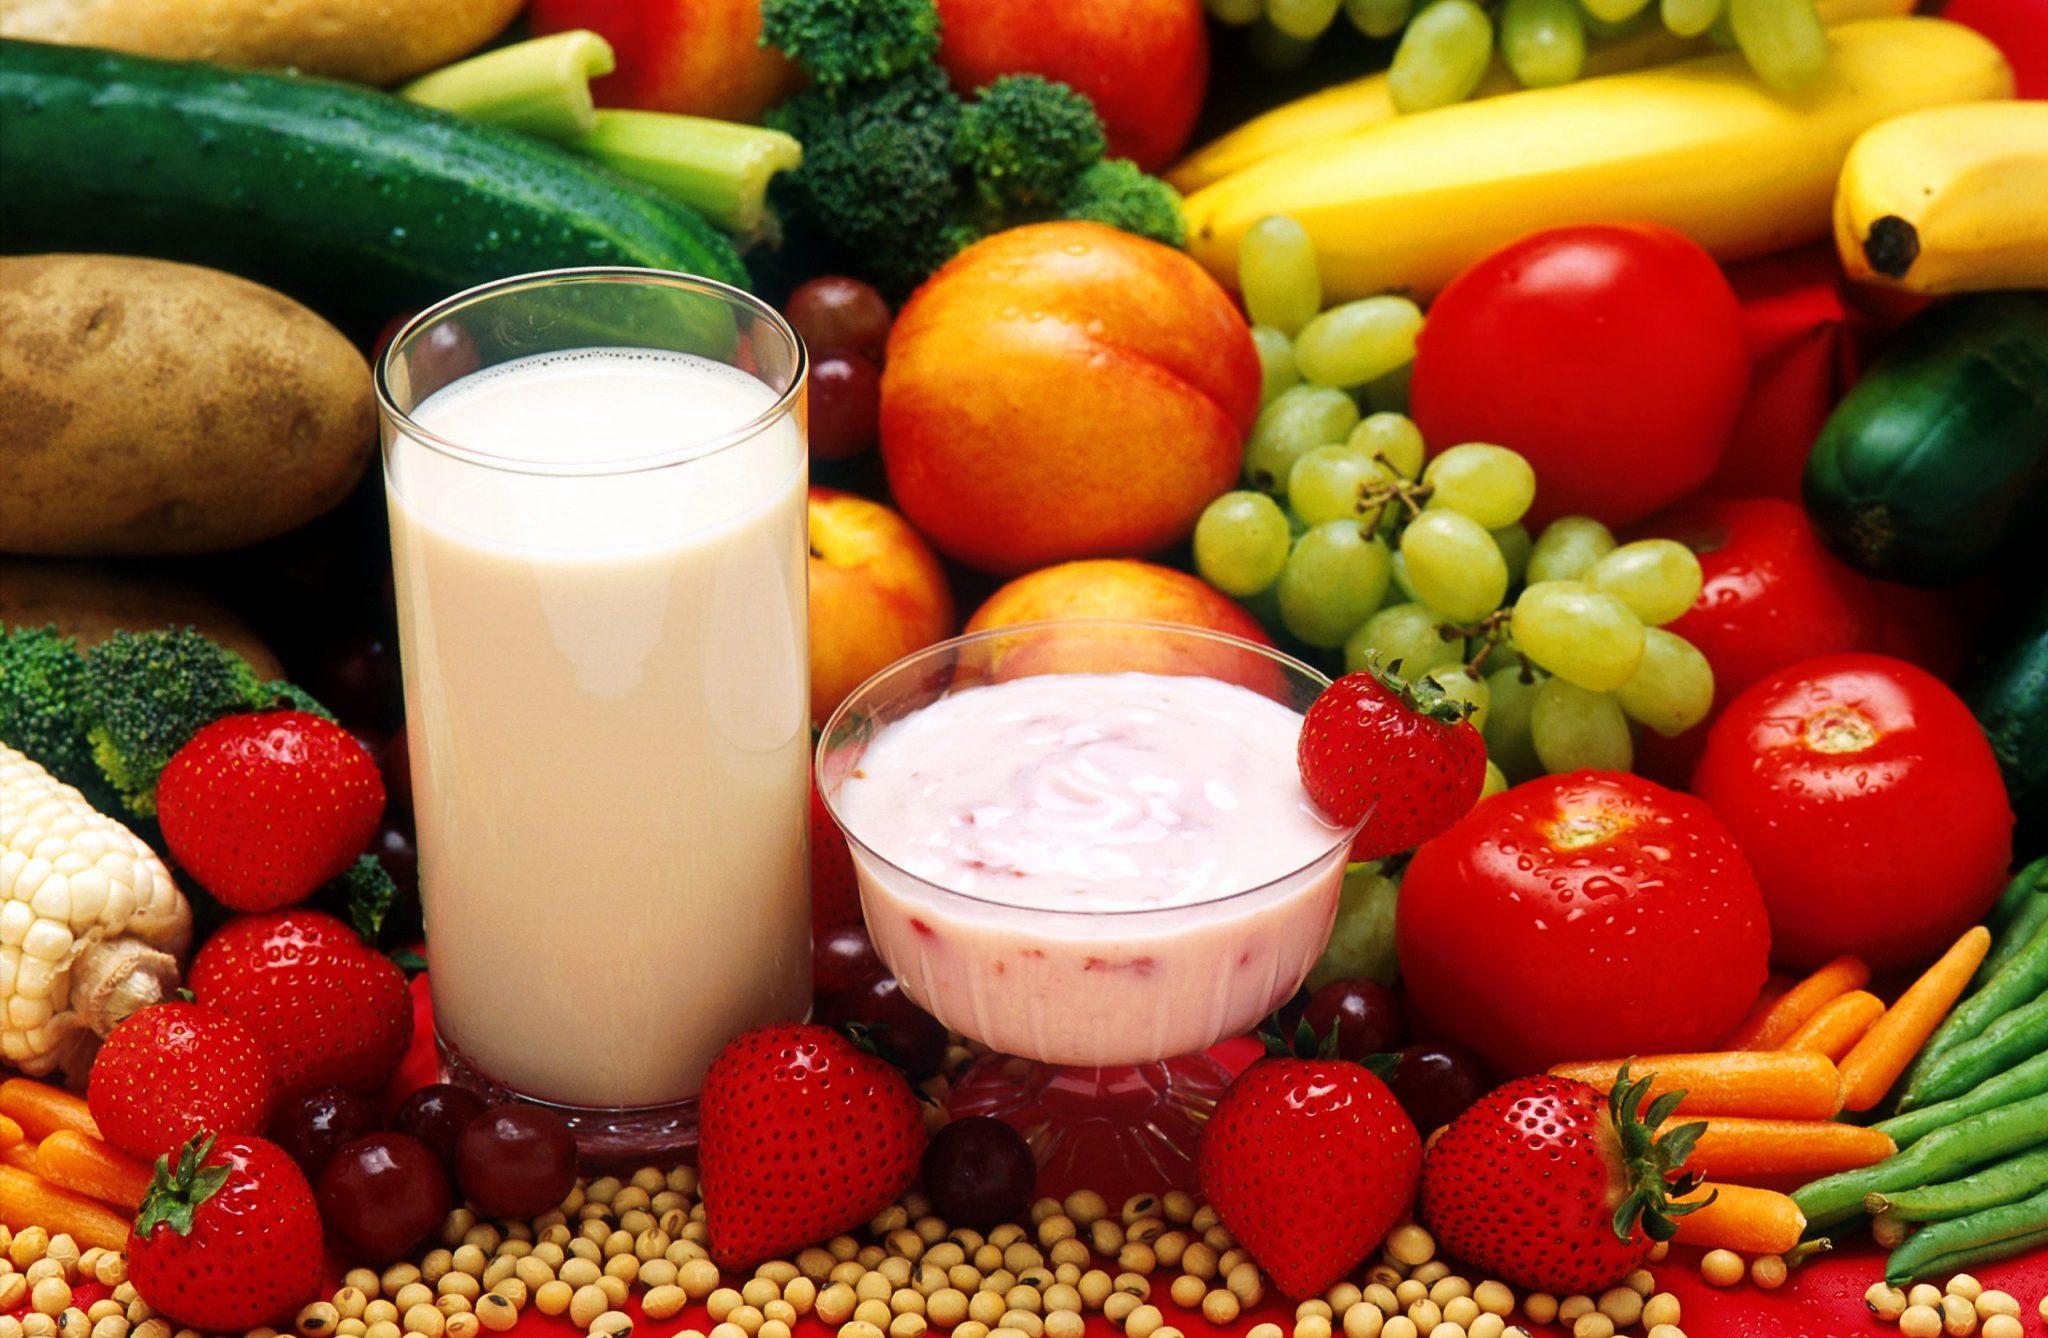 Вегетарианство. Мясо или плоды? Опыт преобразования пищи